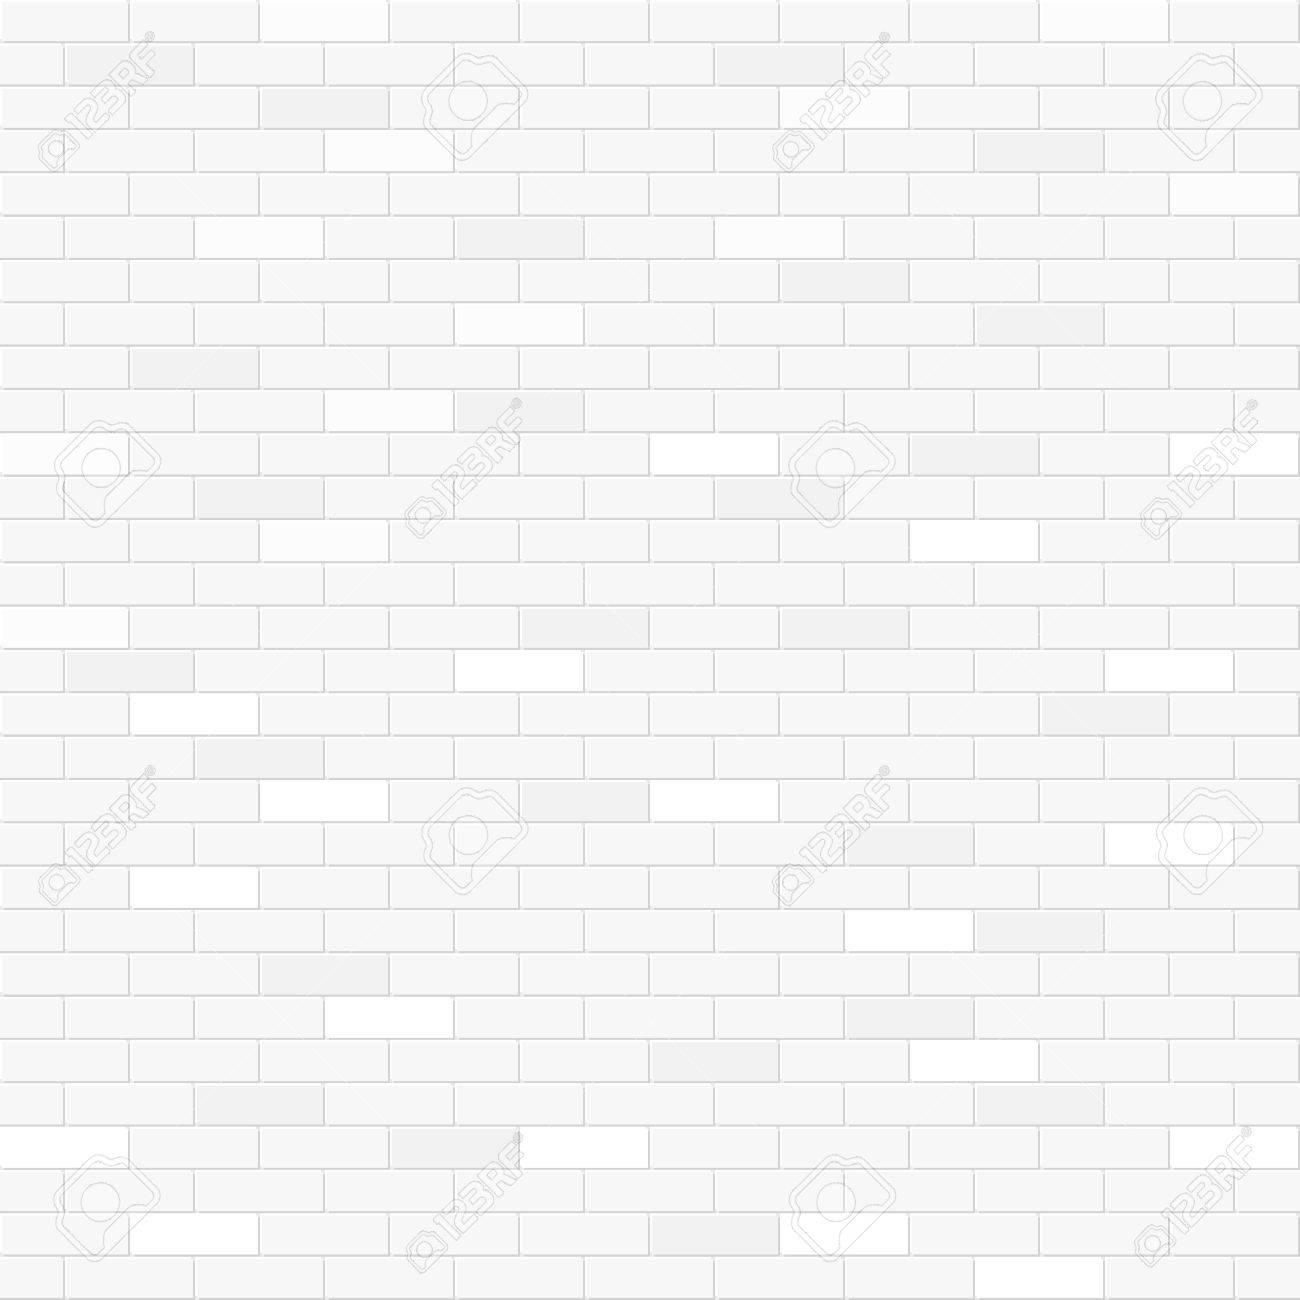 White brick wall seamless pattern - 49392598